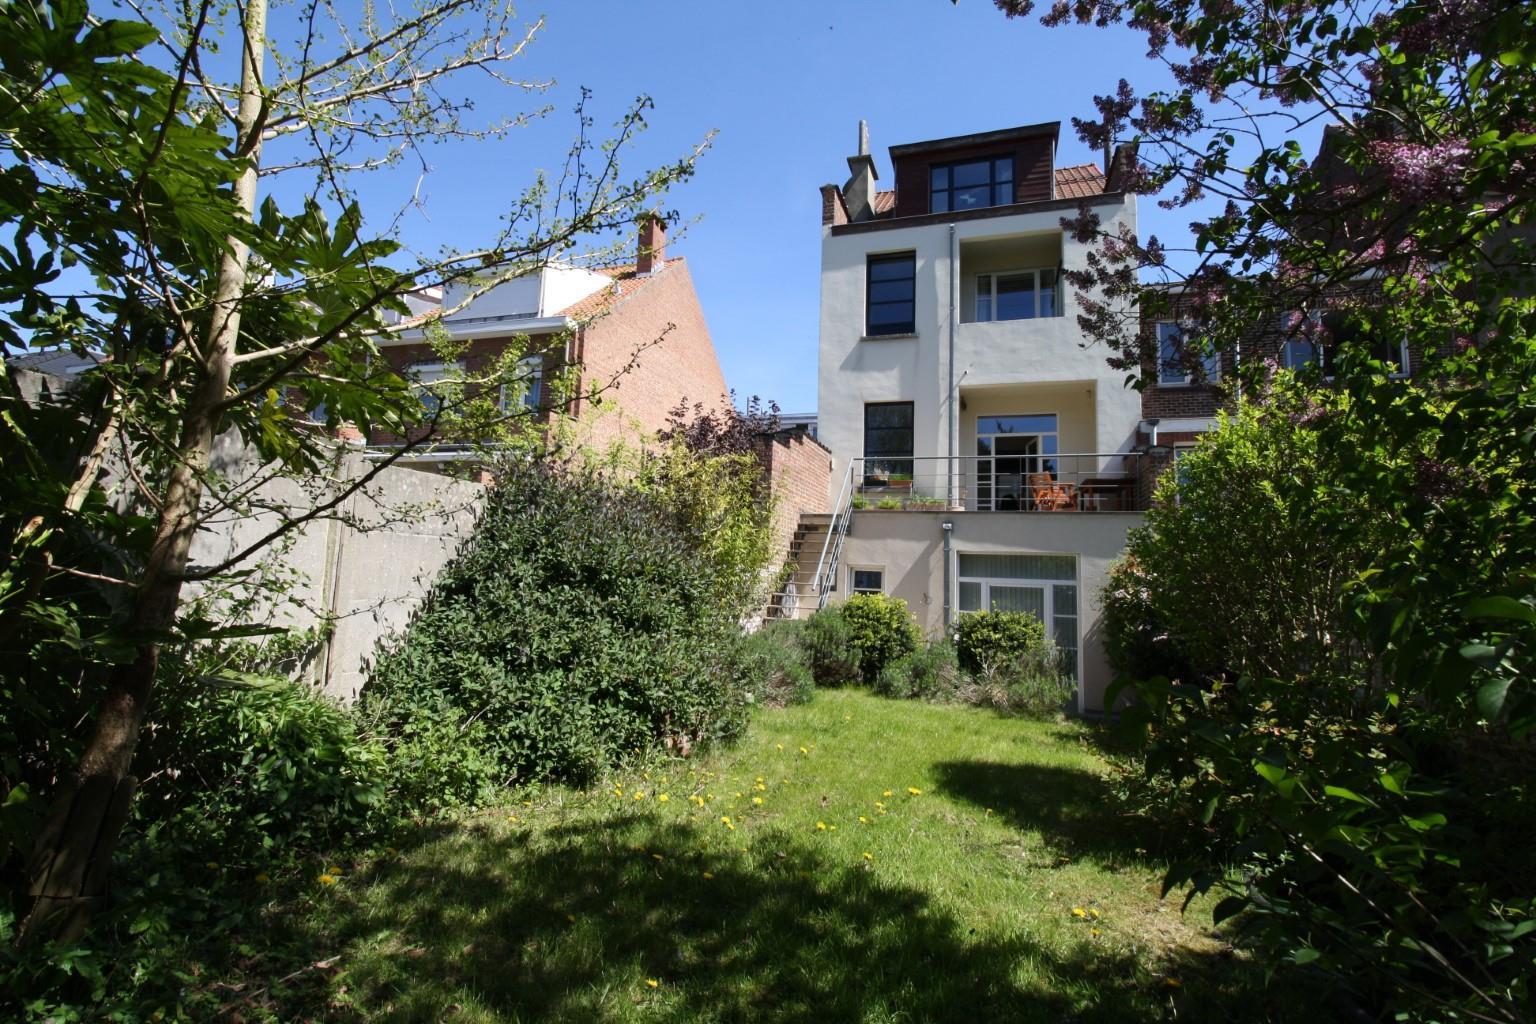 Maison - Berchem-Sainte-Agathe - #2305786-38